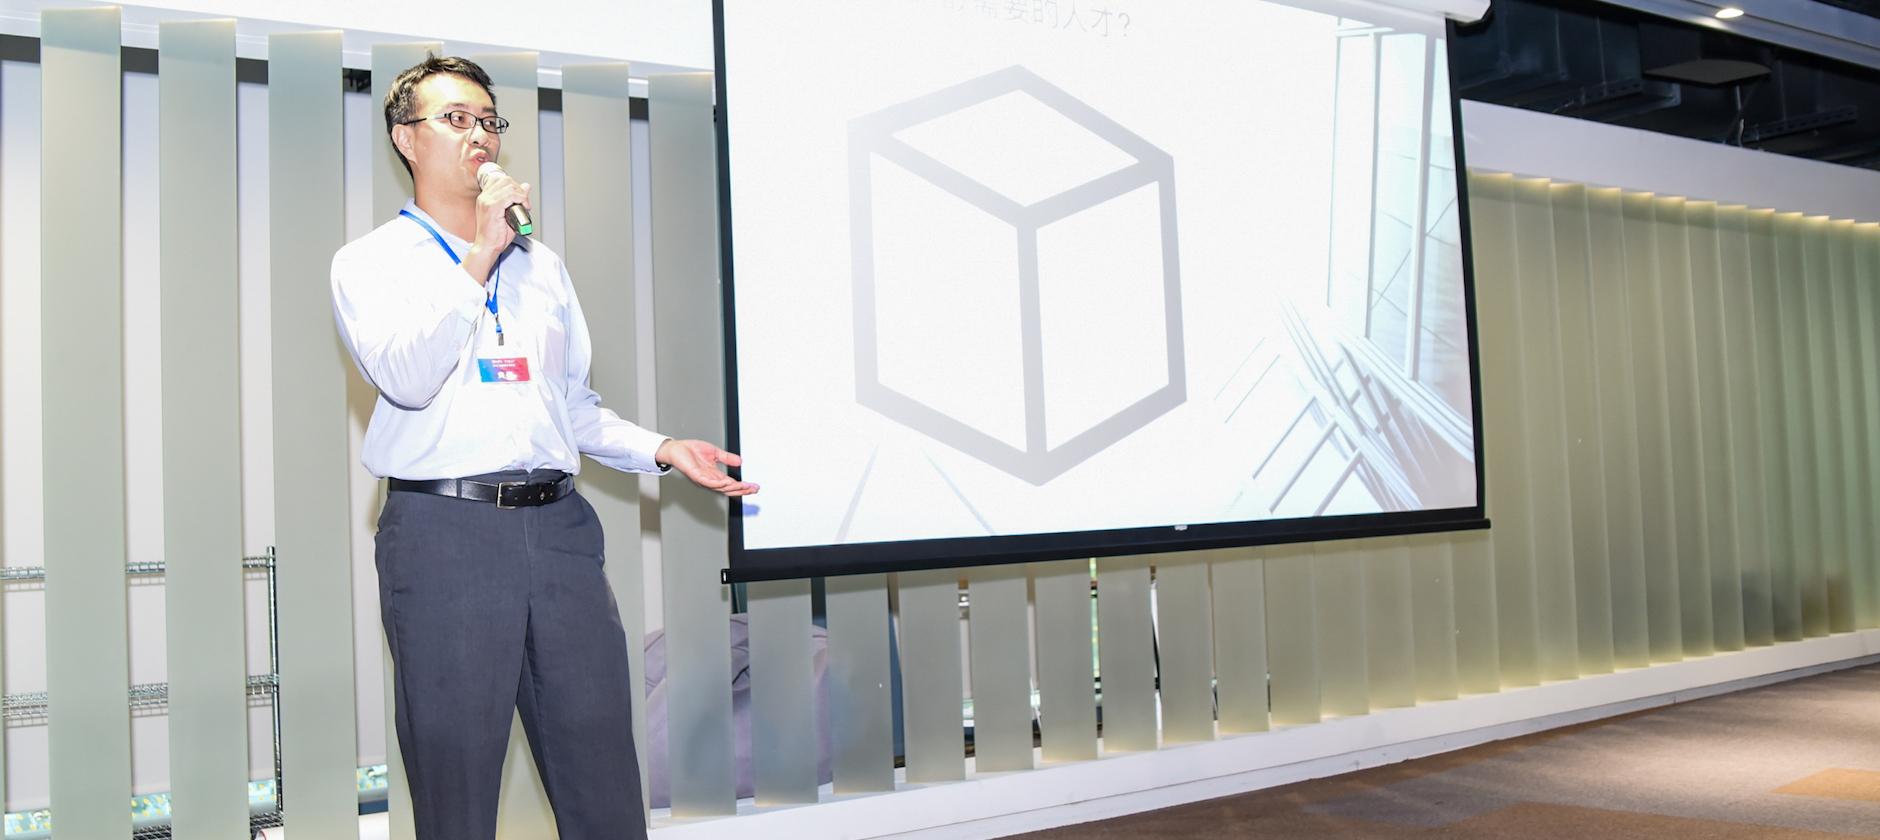 郭家齊認為能站在框架外思考才是優秀的人才。